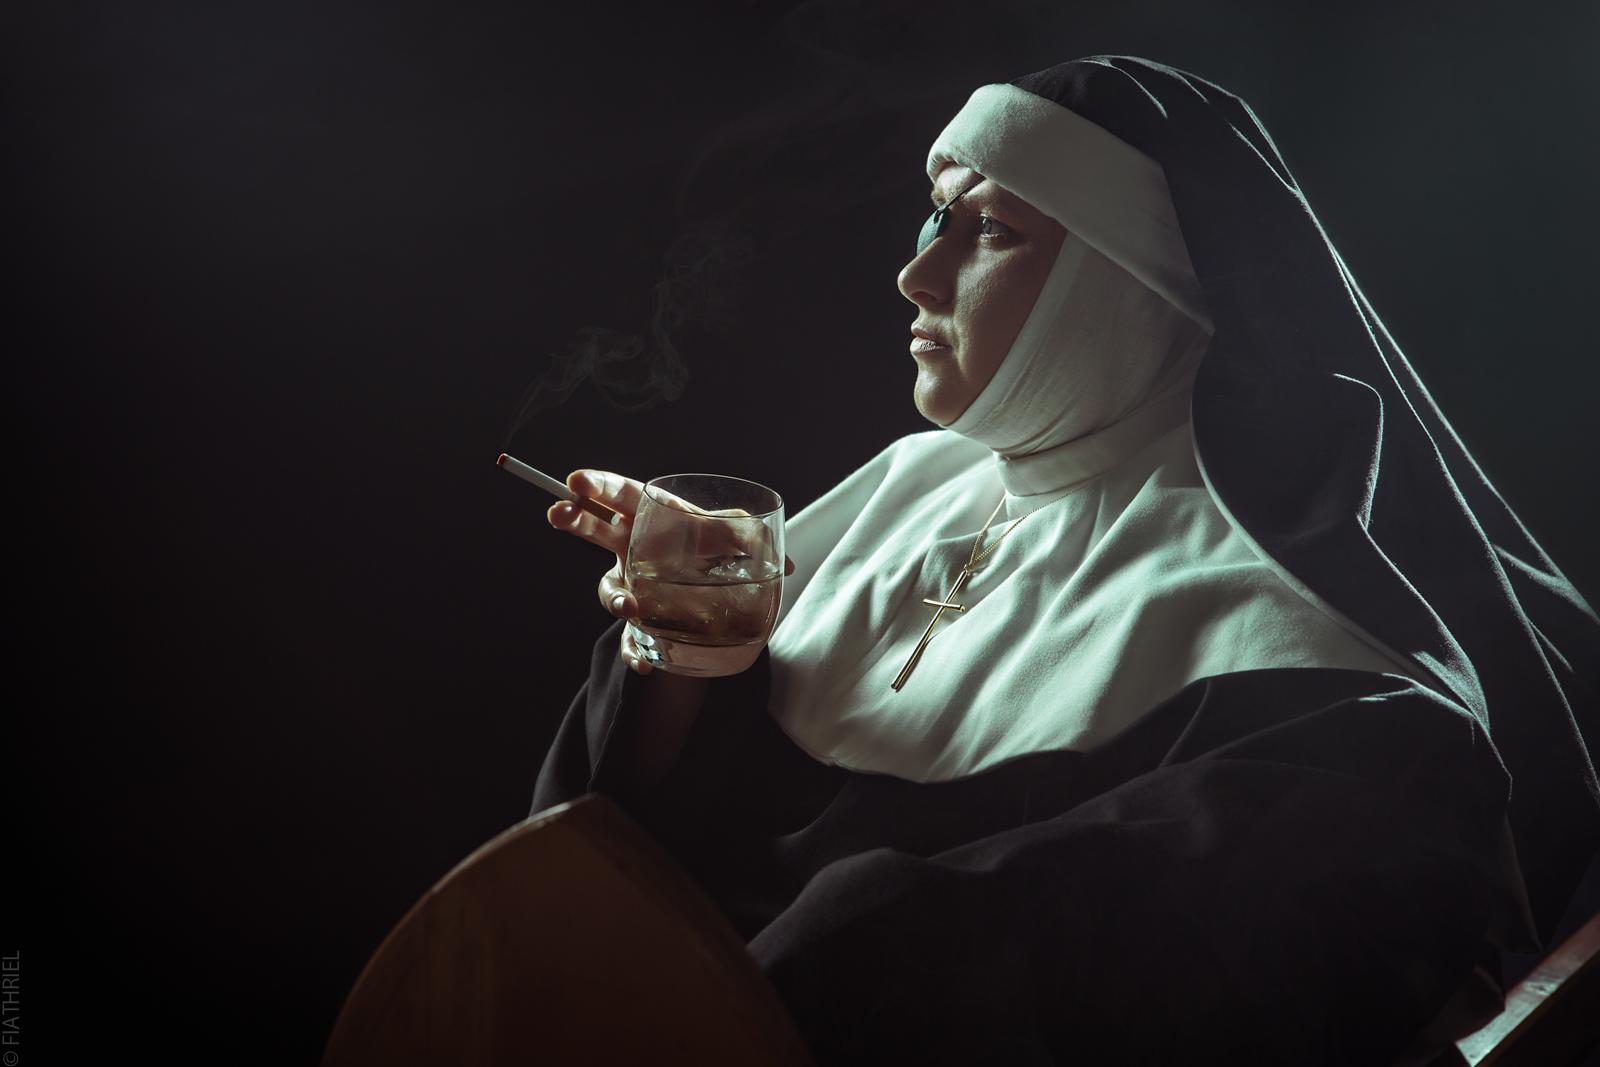 Black Lagoon - Sister Yolanda by fiathriel